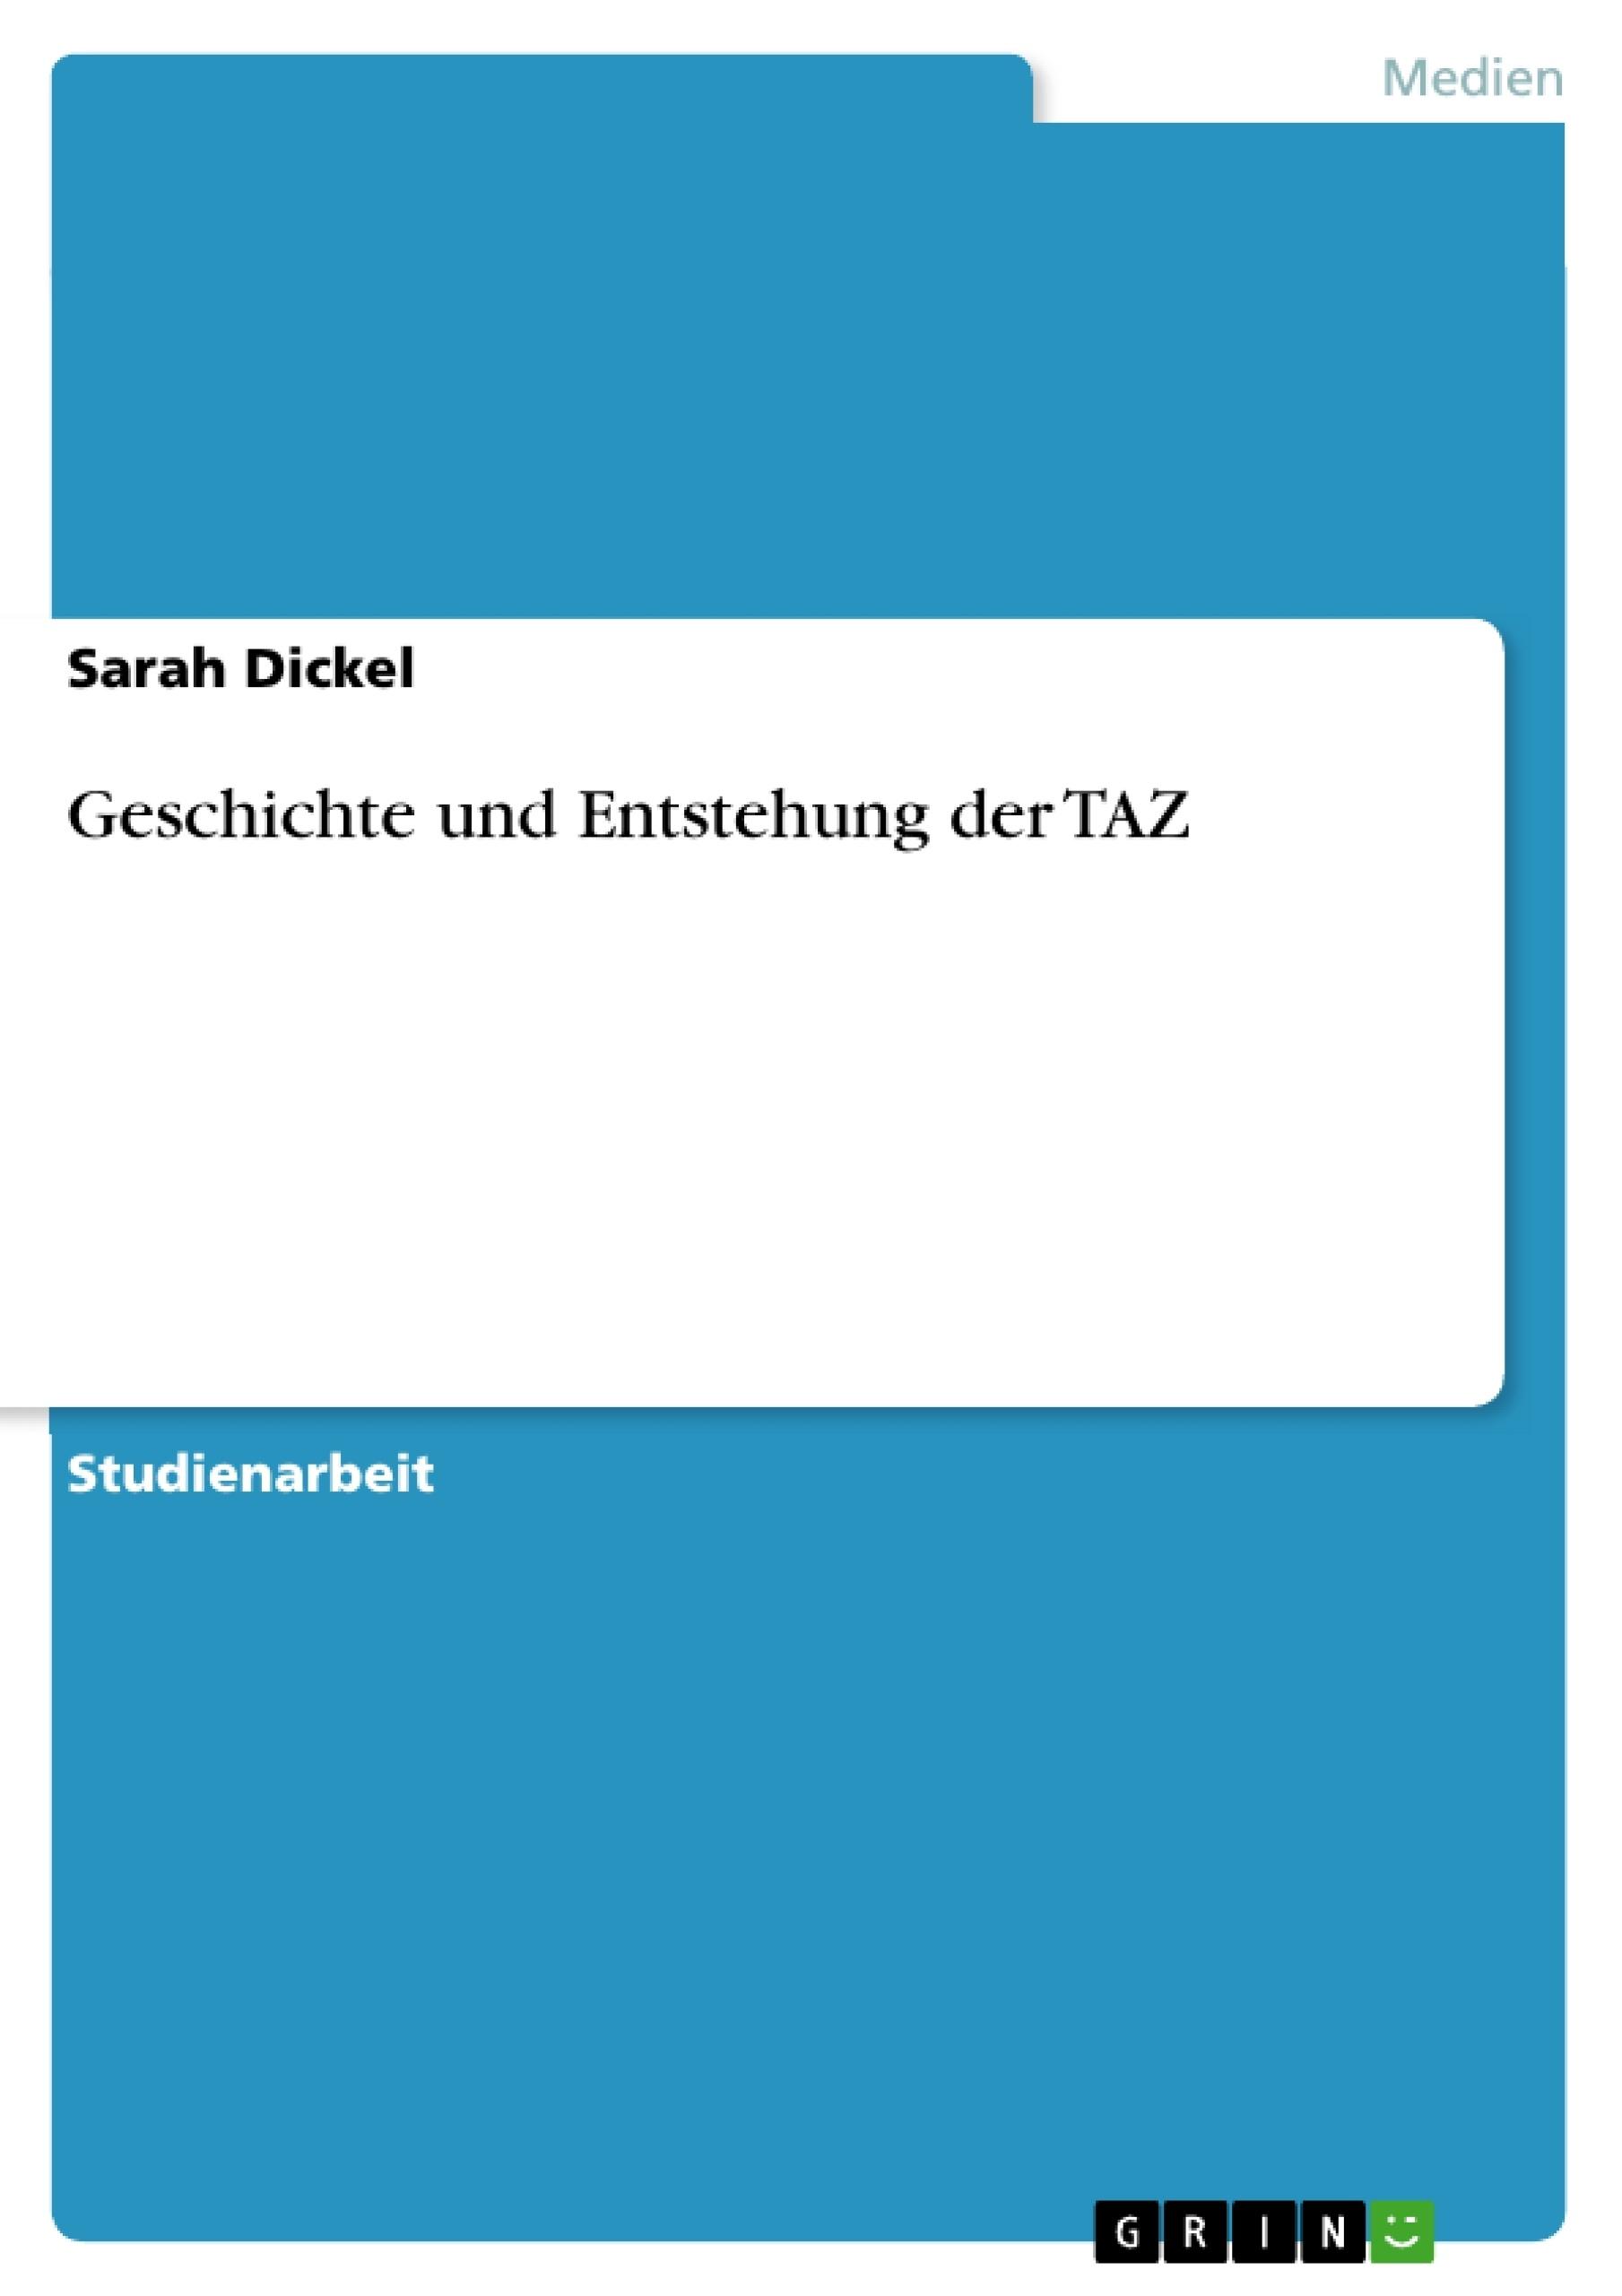 Titel: Geschichte und Entstehung der TAZ